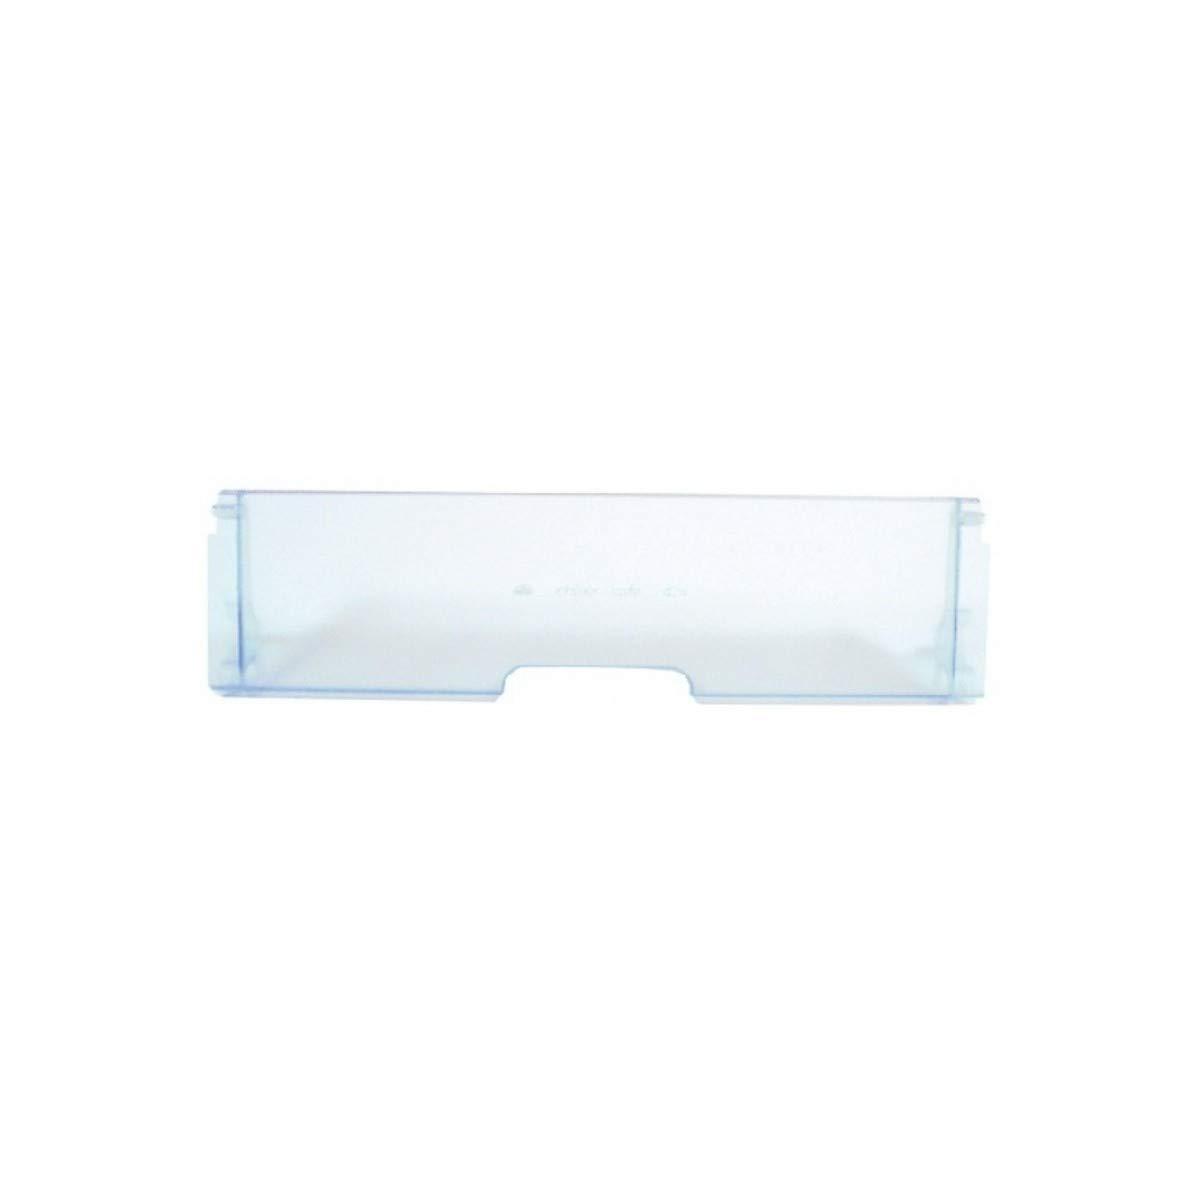 Recamania Tapa Superior Puerta evaporador frigorifico Balay 3KF4930N 3KF4937 475289